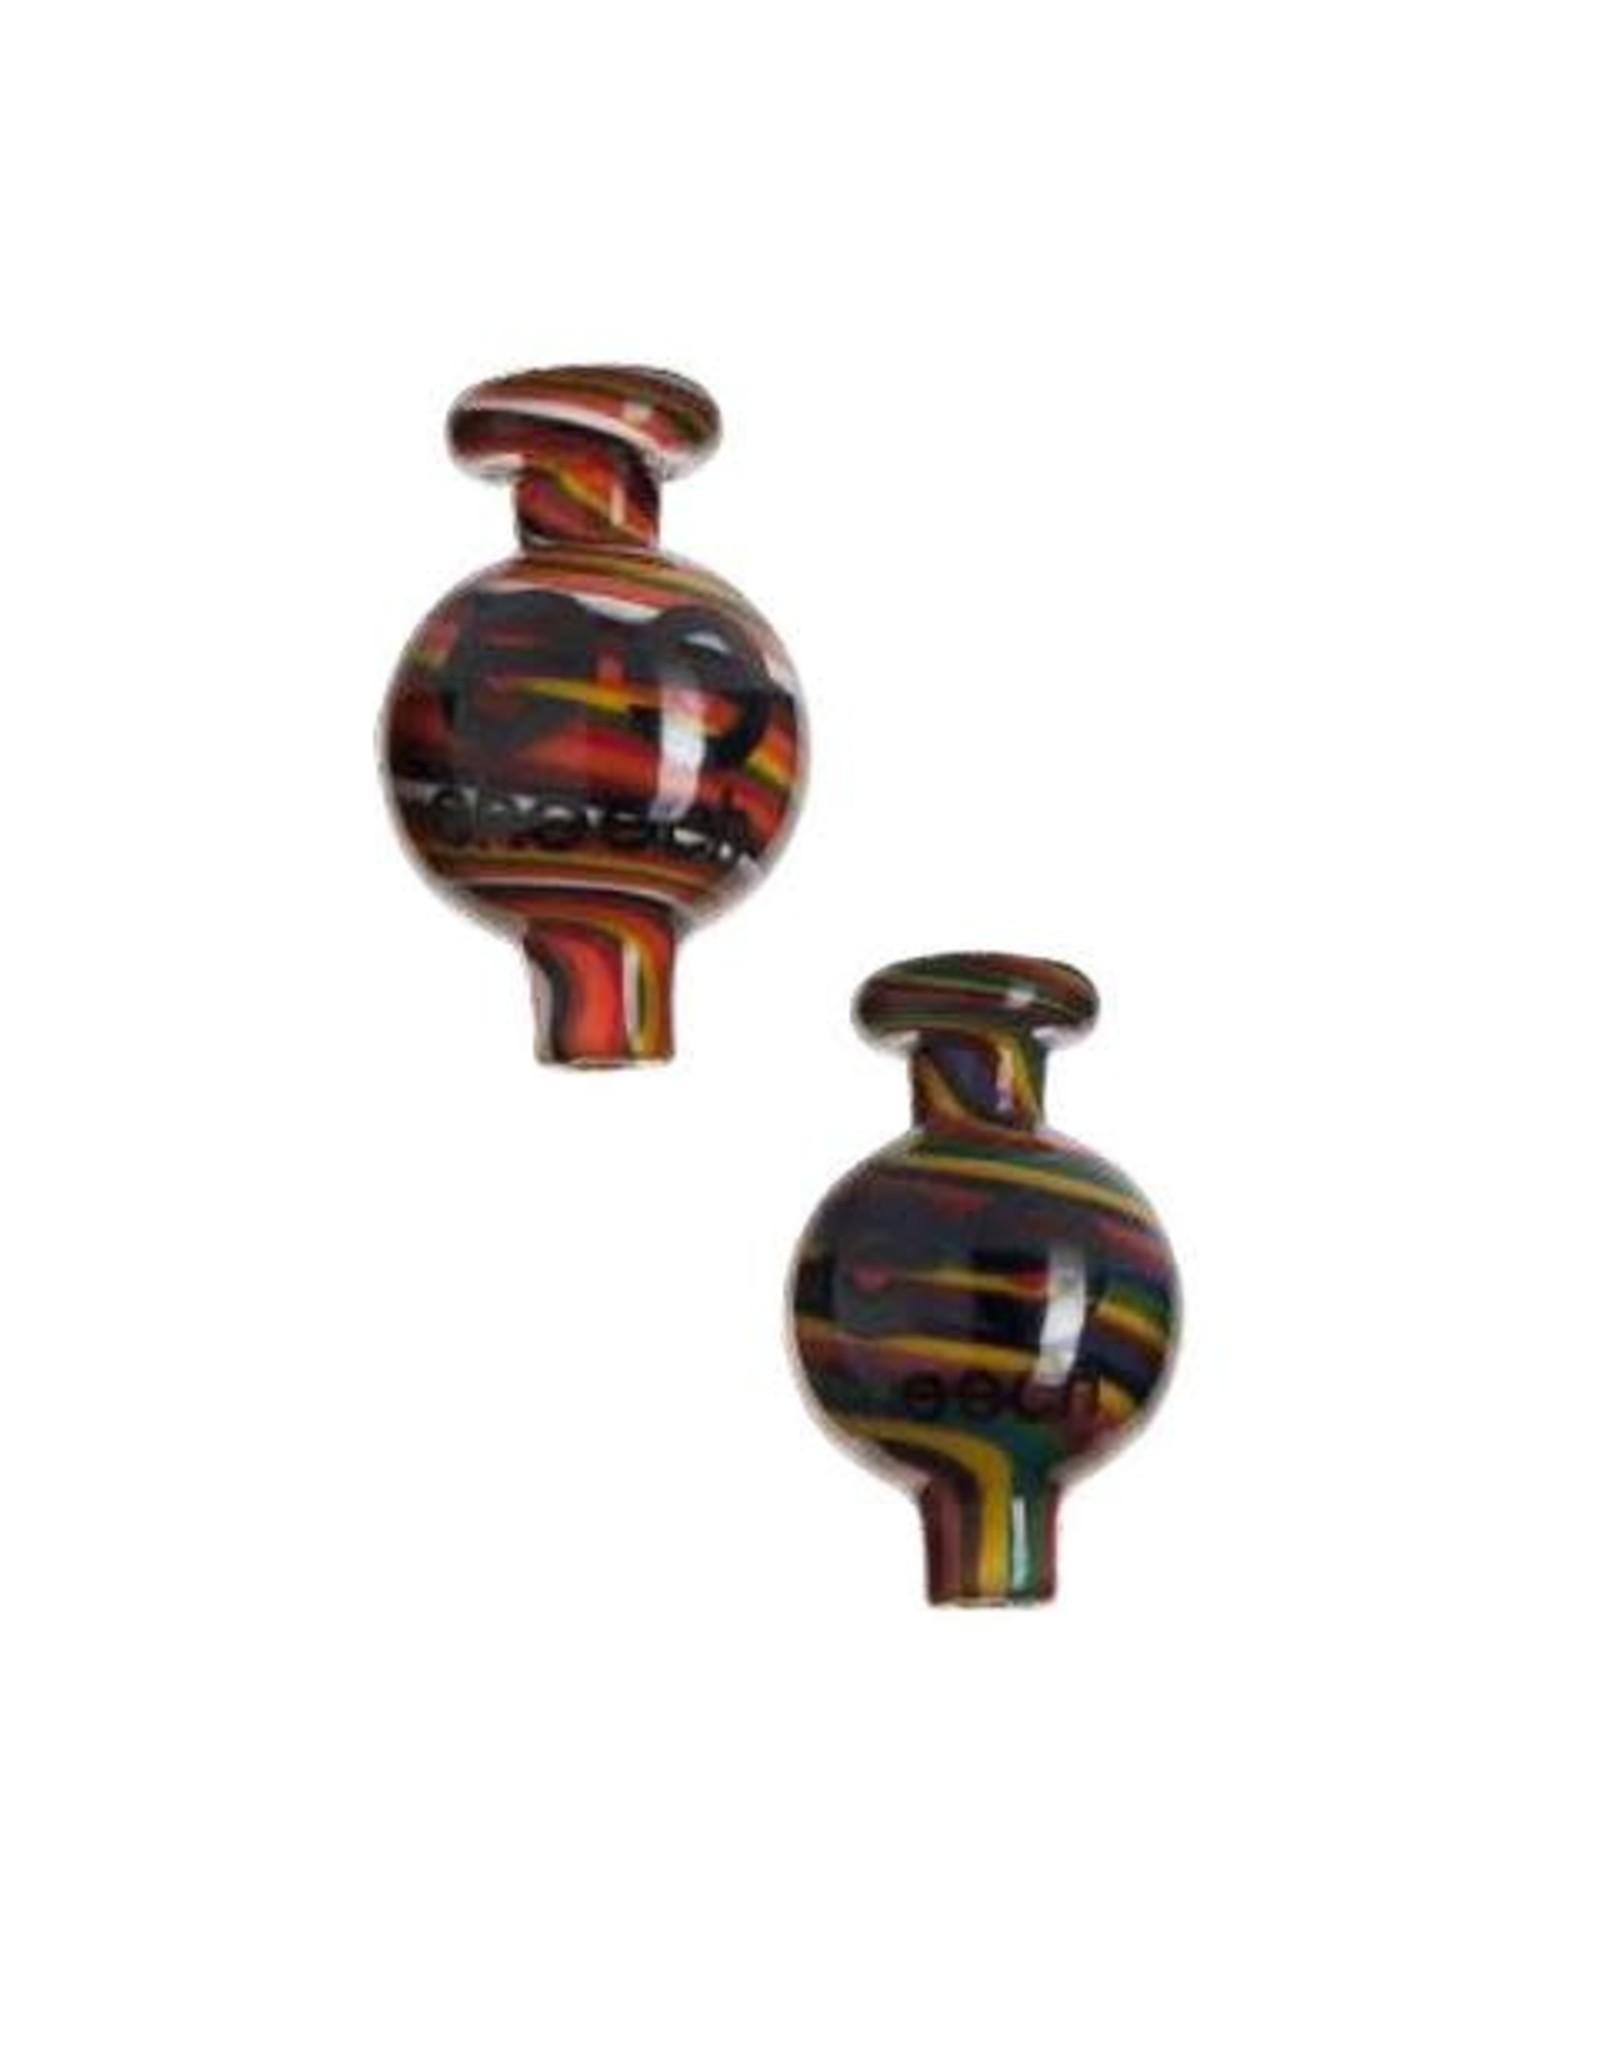 CHEECH GLASS 30 MM CARB CAP CHEECH QN-051